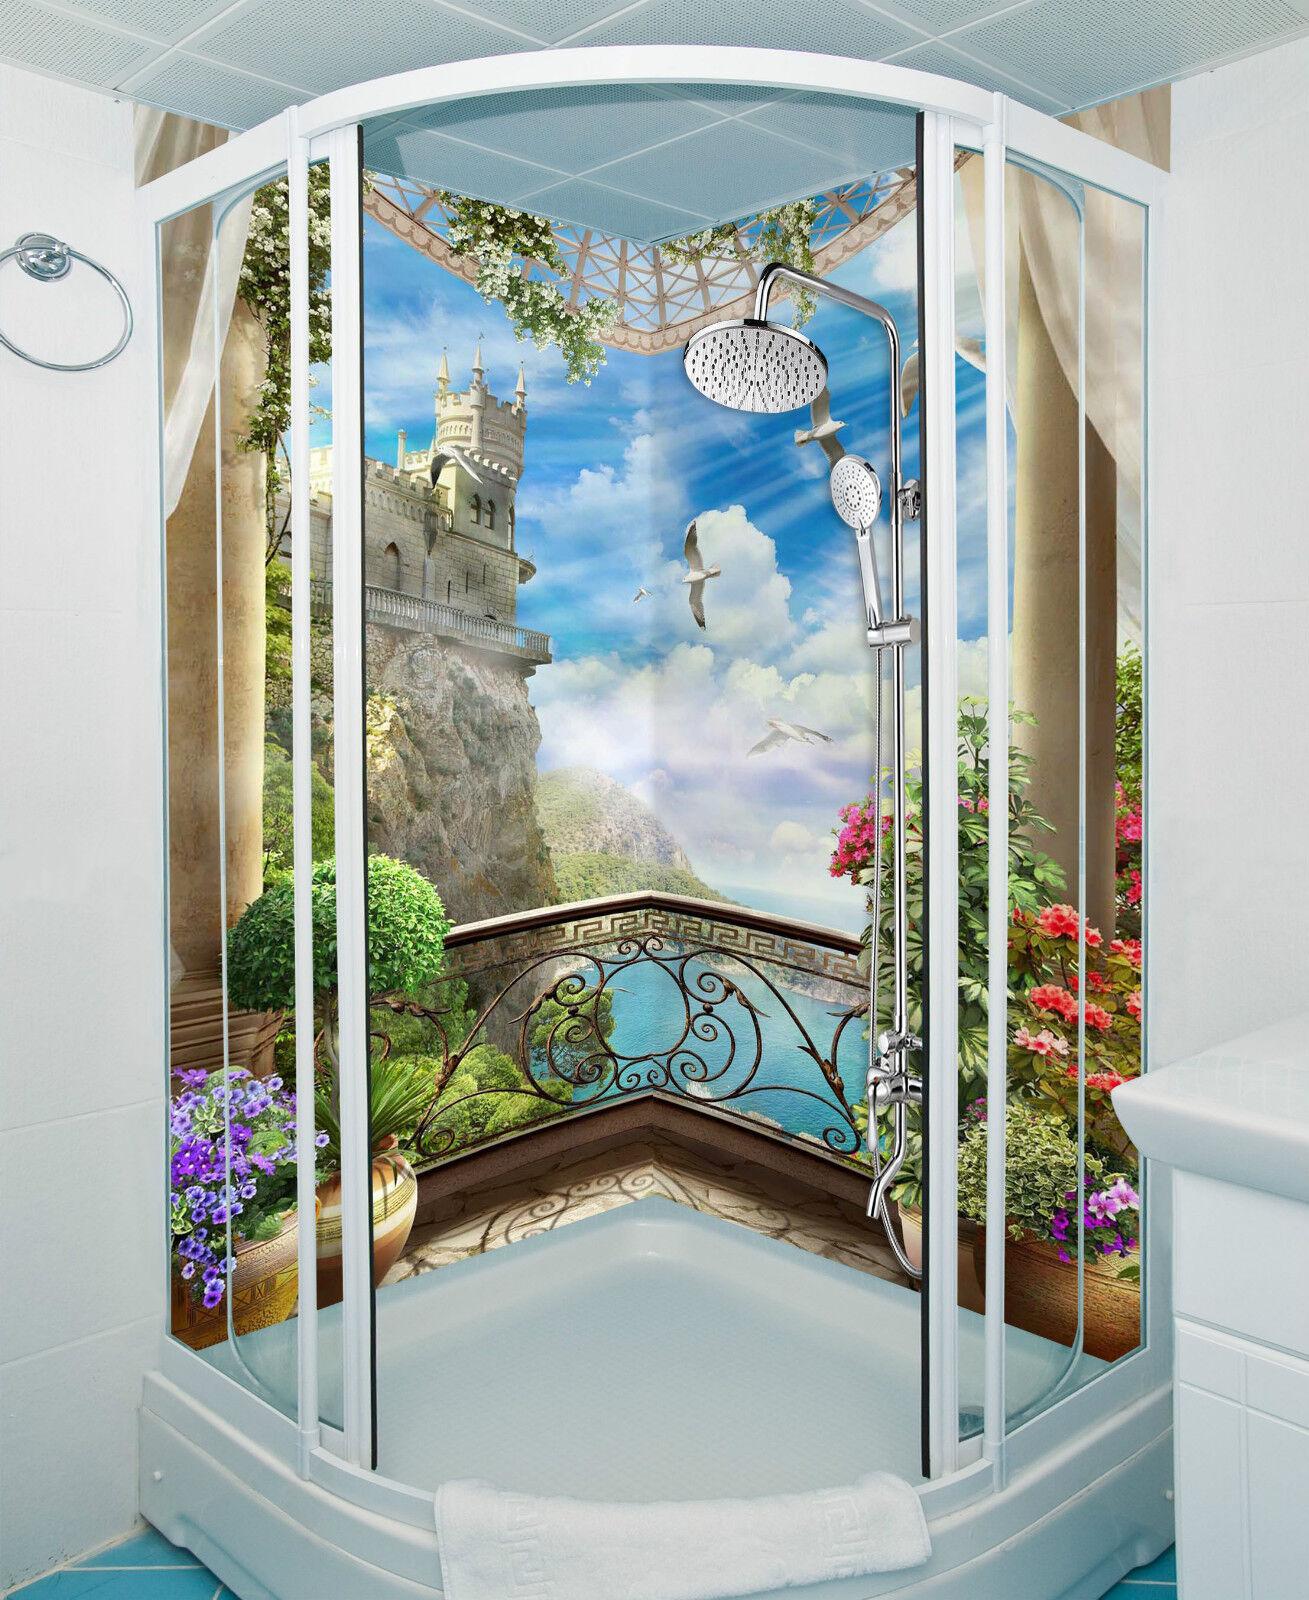 3D Lake Castle Balcony WallPaper Bathroom Print Decal Wall Deco AJ WALLPAPER CA